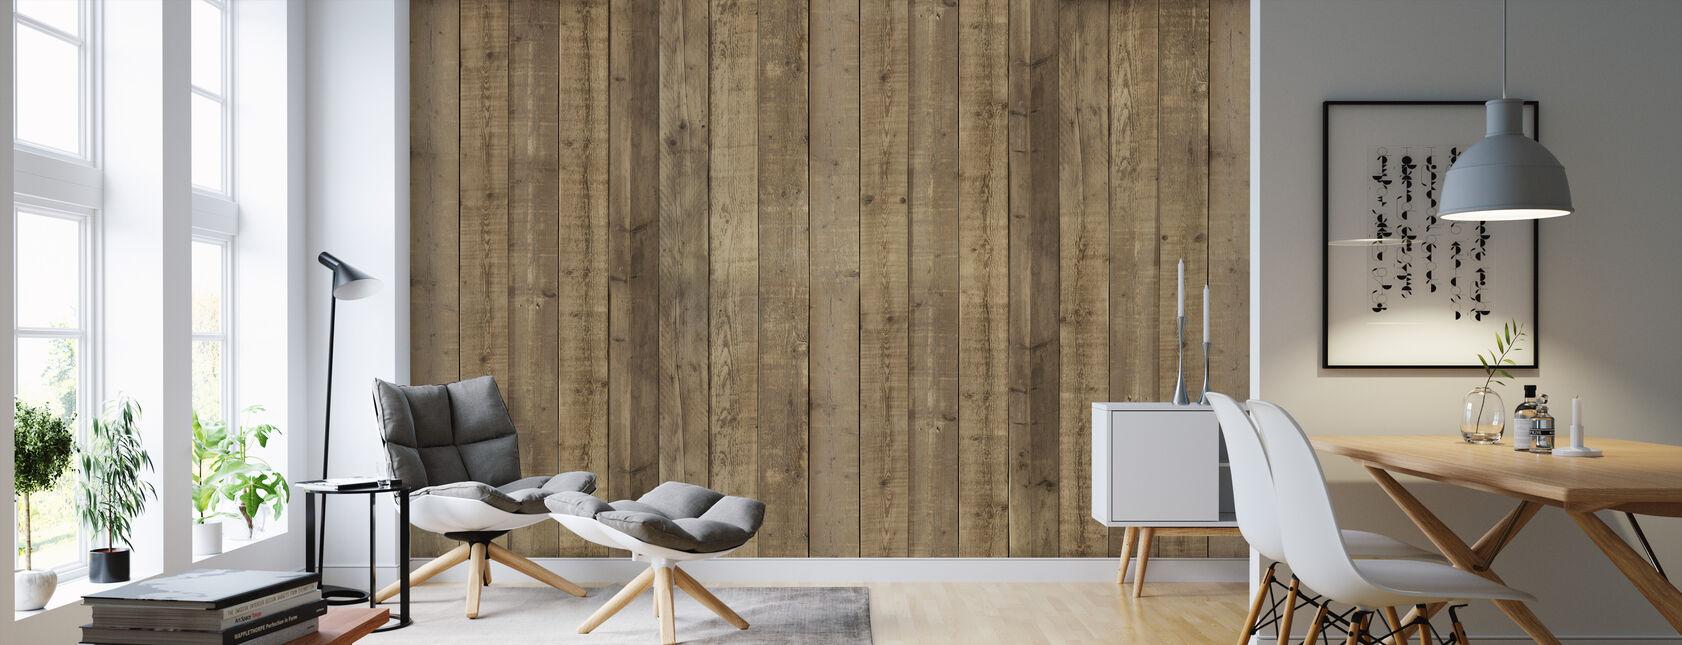 Planka vägg - Tapet - Vardagsrum